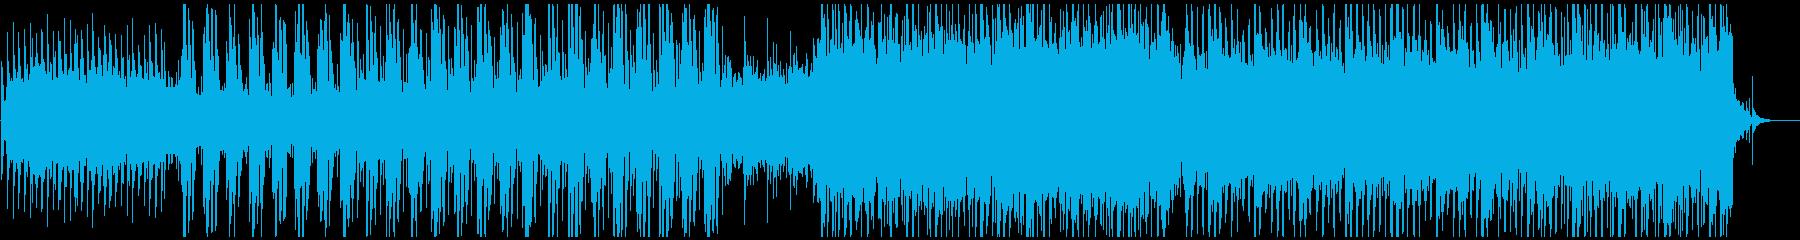 企業向生音系EDMで爽やか明るい疾走感の再生済みの波形